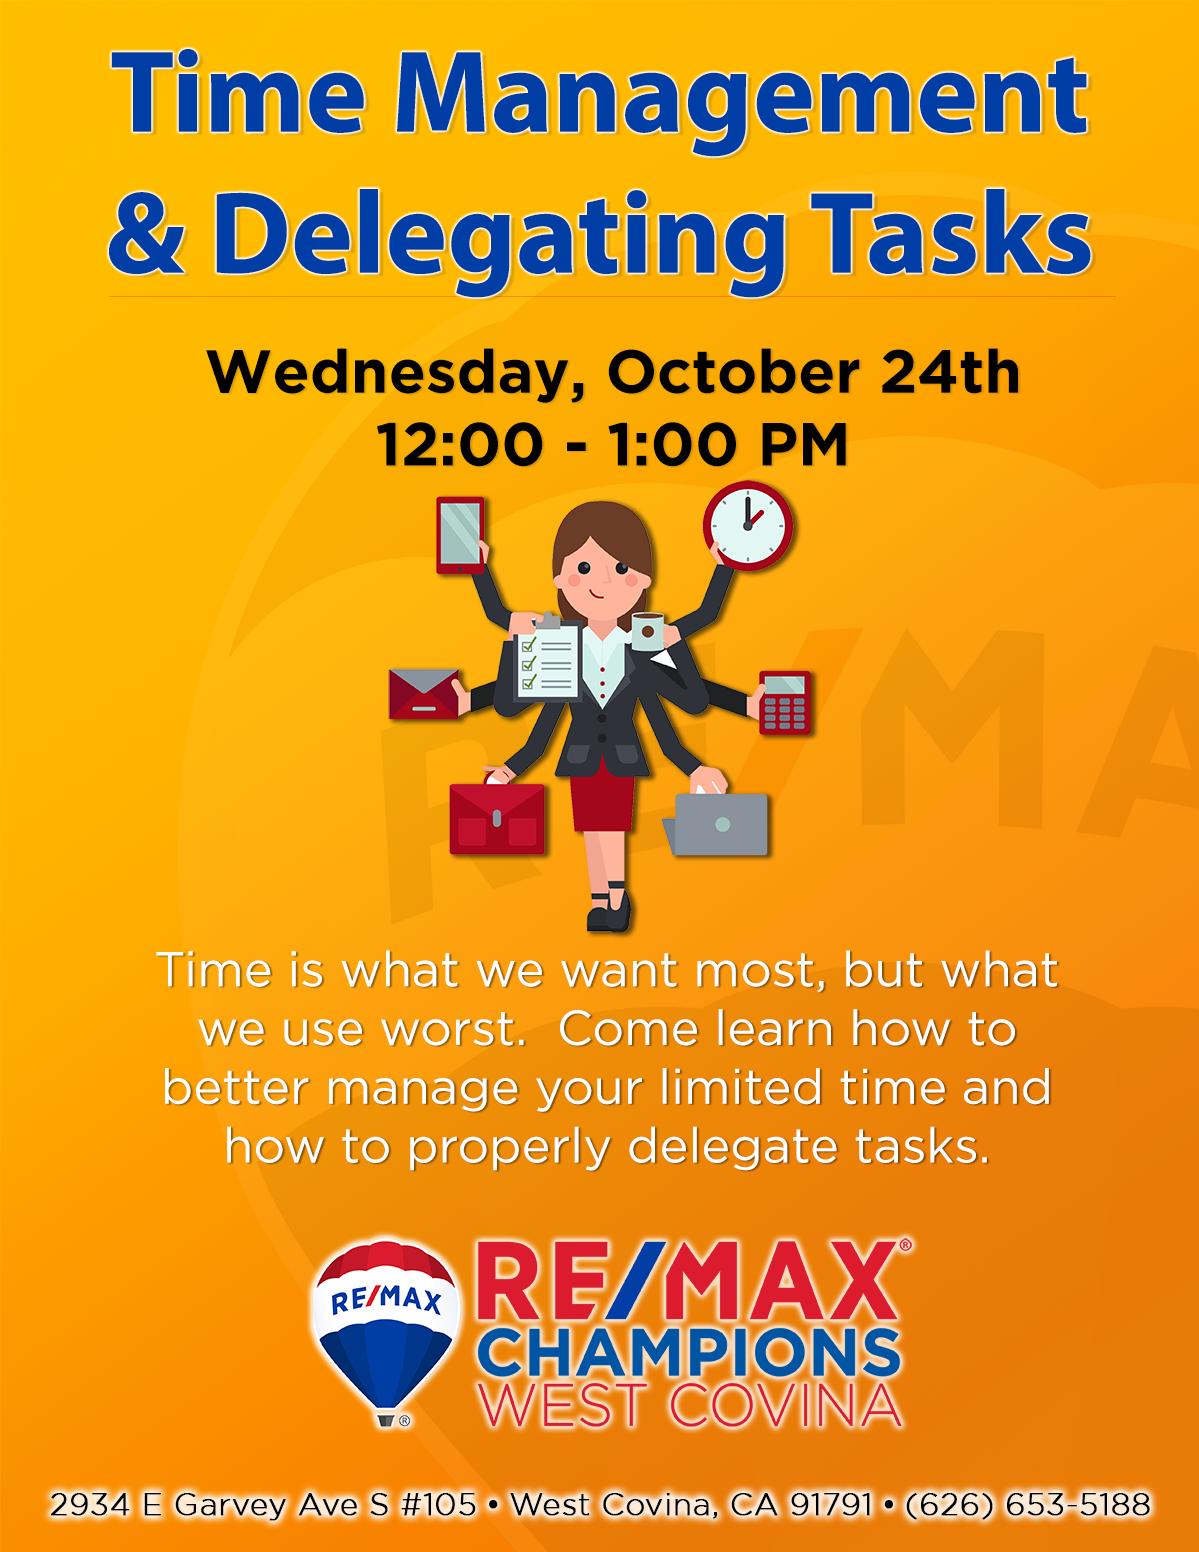 Time Management & Delegating Tasks